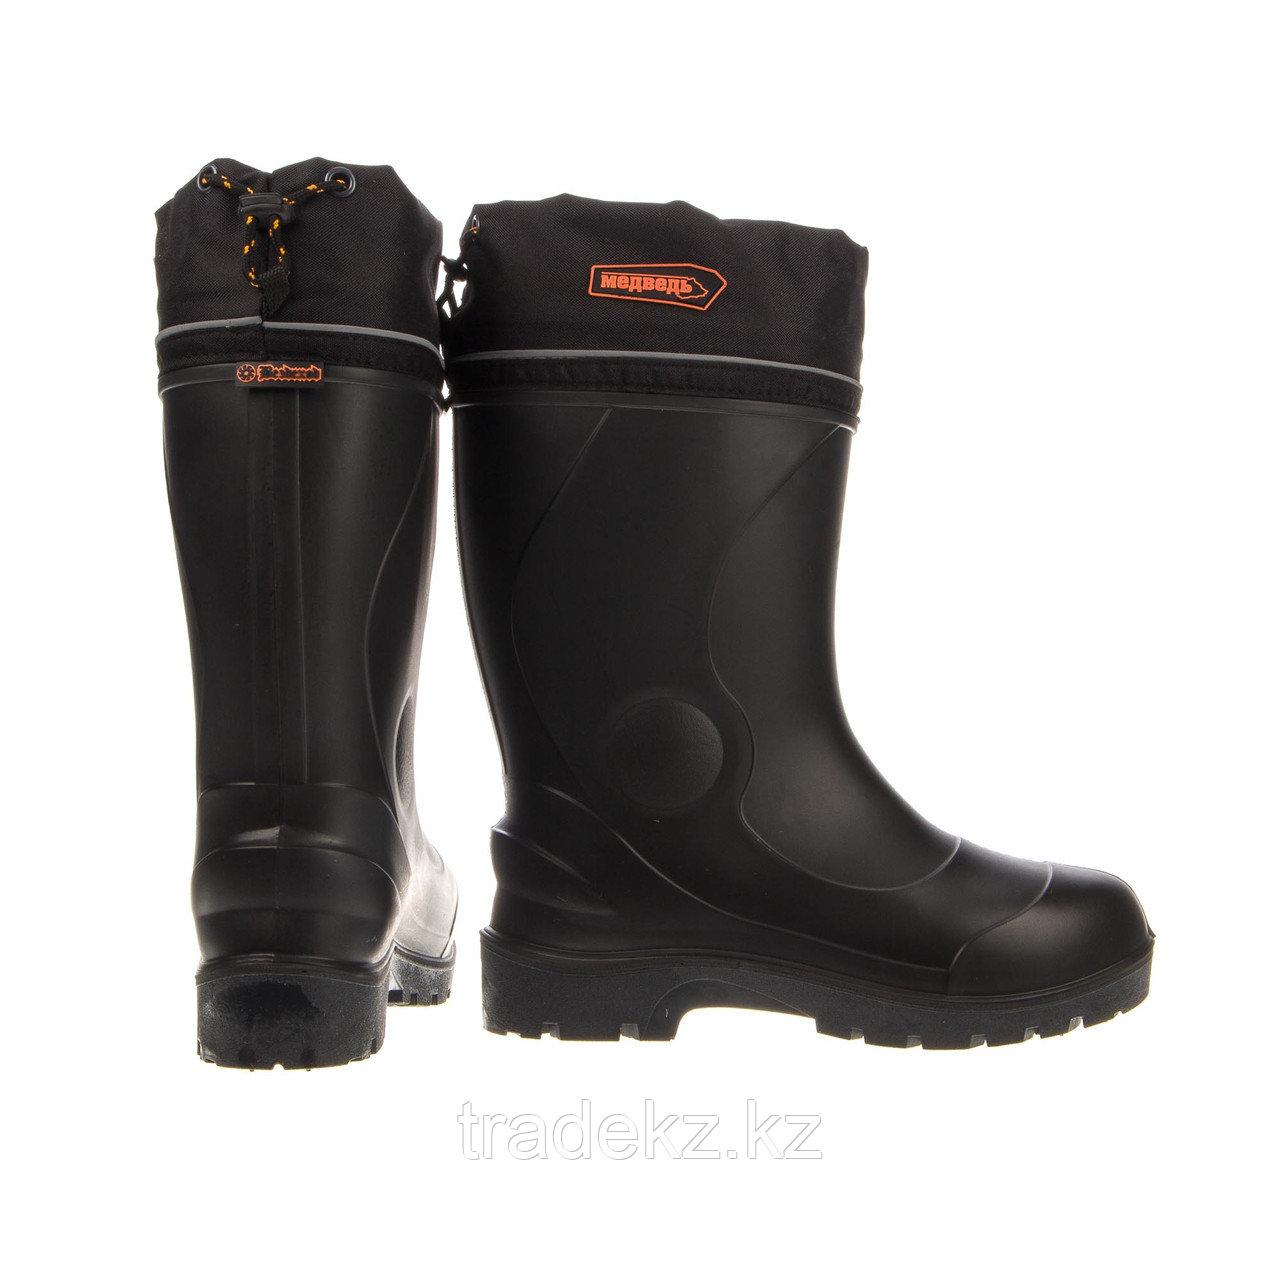 Обувь, сапоги для охоты и рыбалки ЭВА МЕДВЕДЬ ПУ (-60°C), черный, размер 44